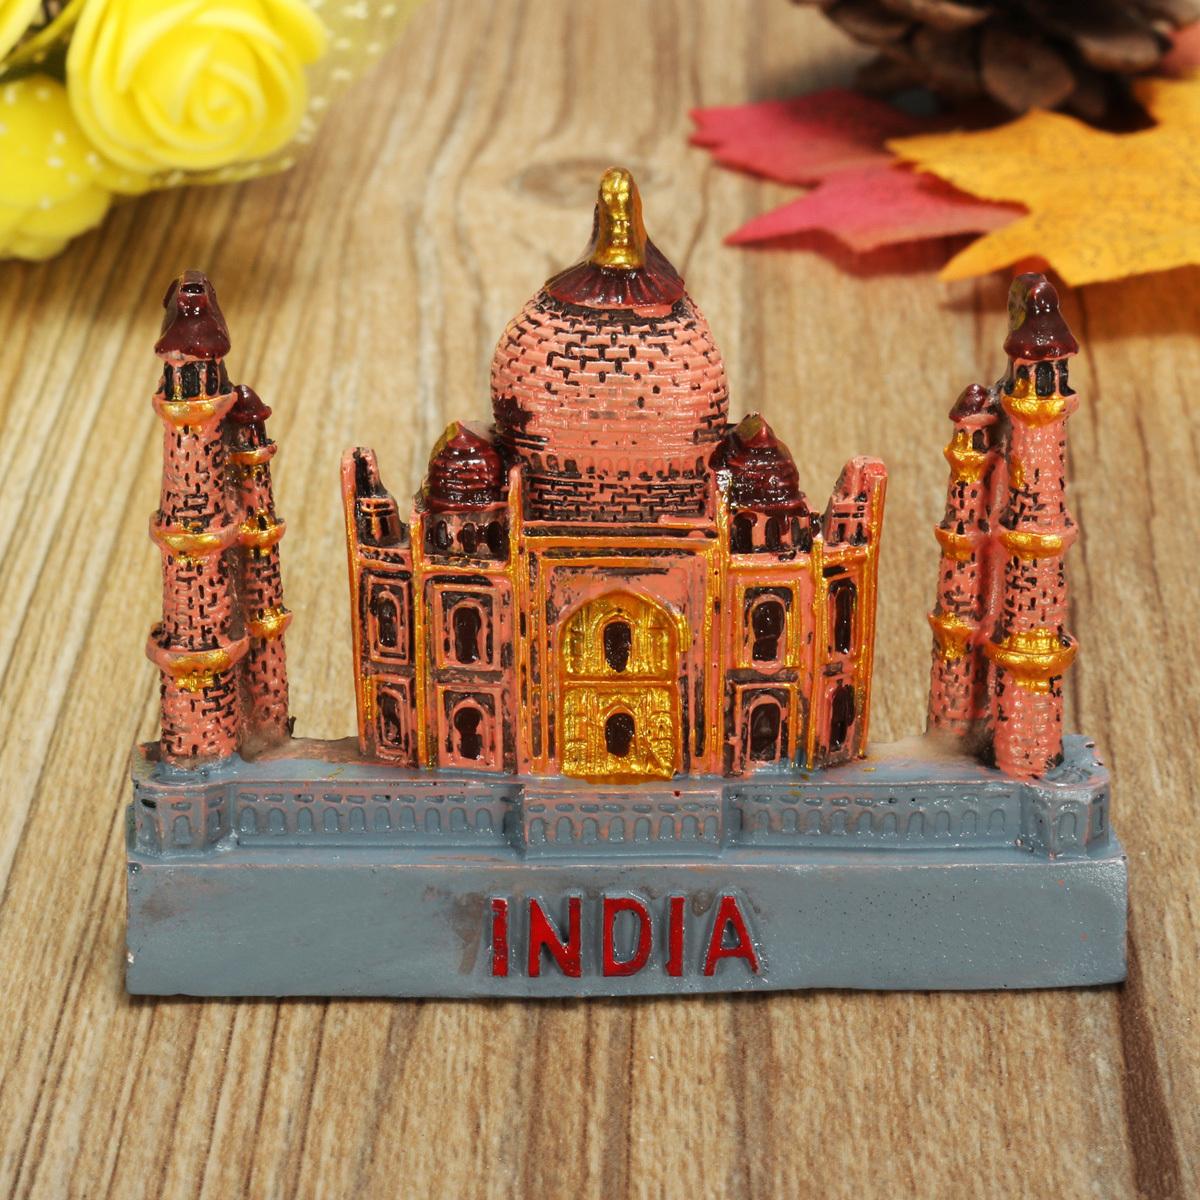 3D Resin Fridge Magnet India Taj Mahal Tourist  Souvenir Gift Decoration - Photo: 1